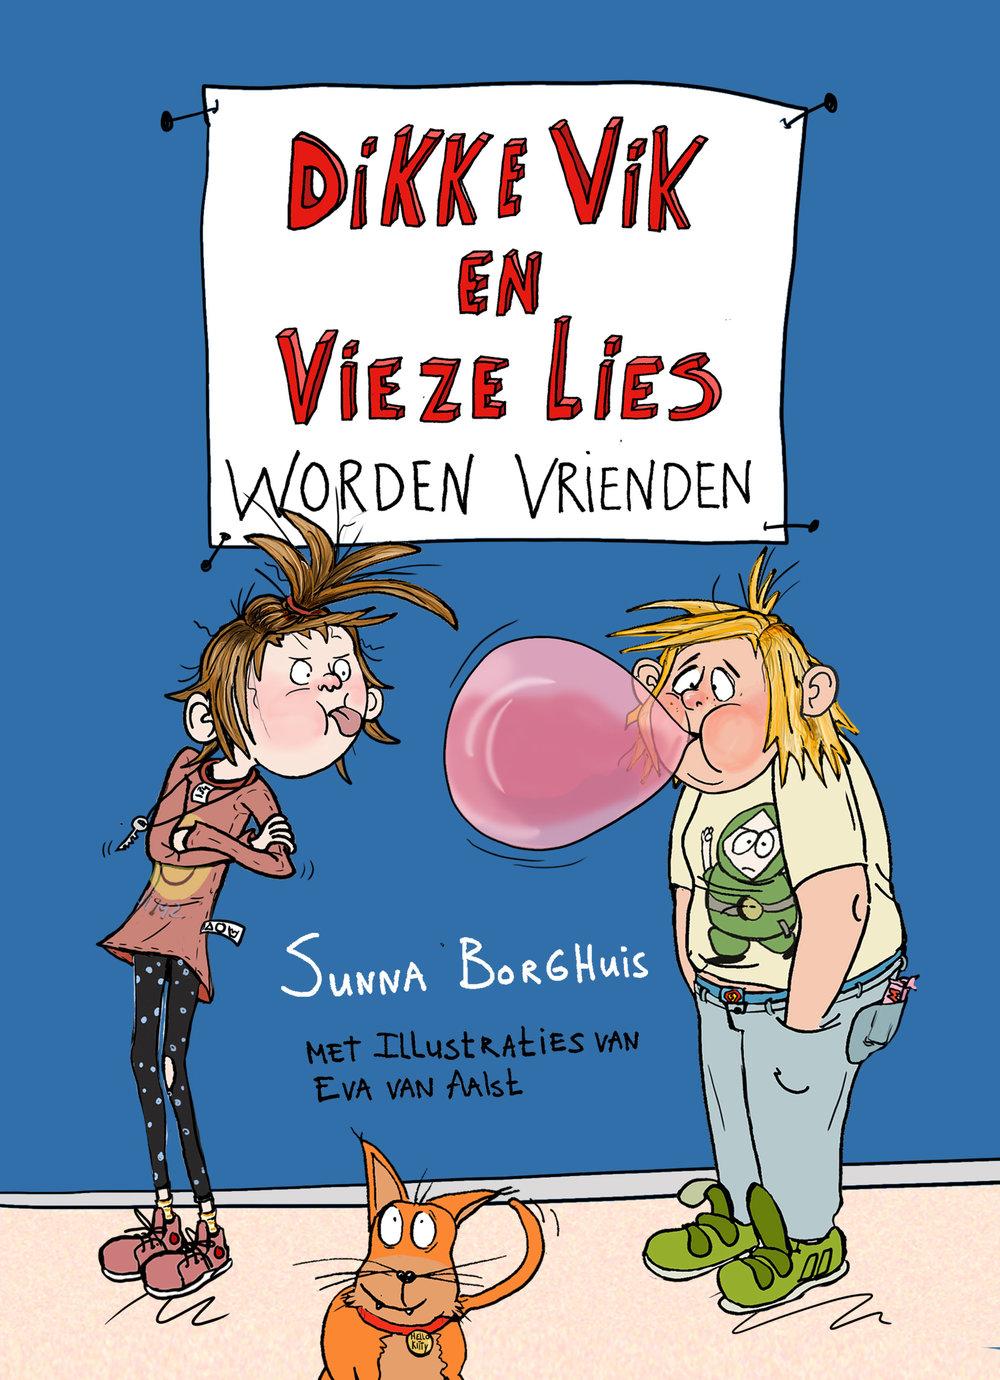 Dikke Viken vieze Lies I - Geschreven door Sunna BorghuisUitgegeven door Gottmerjuni 2017